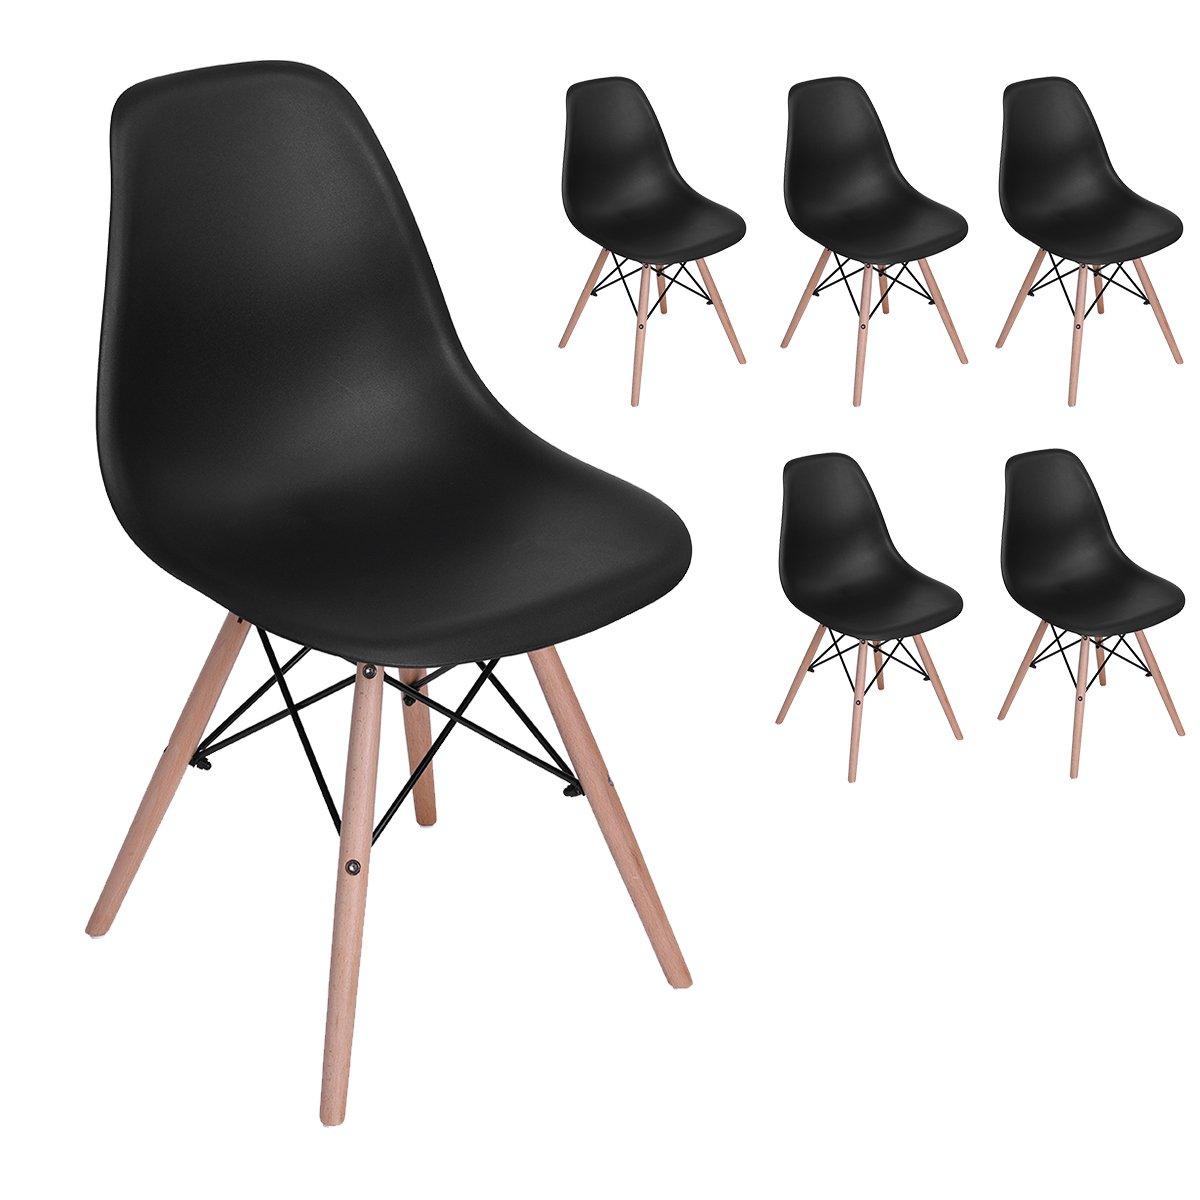 6er schwarz wohnzimmerstuhl esszimmerstuhl b rostuhl for Designer esszimmerstuhl